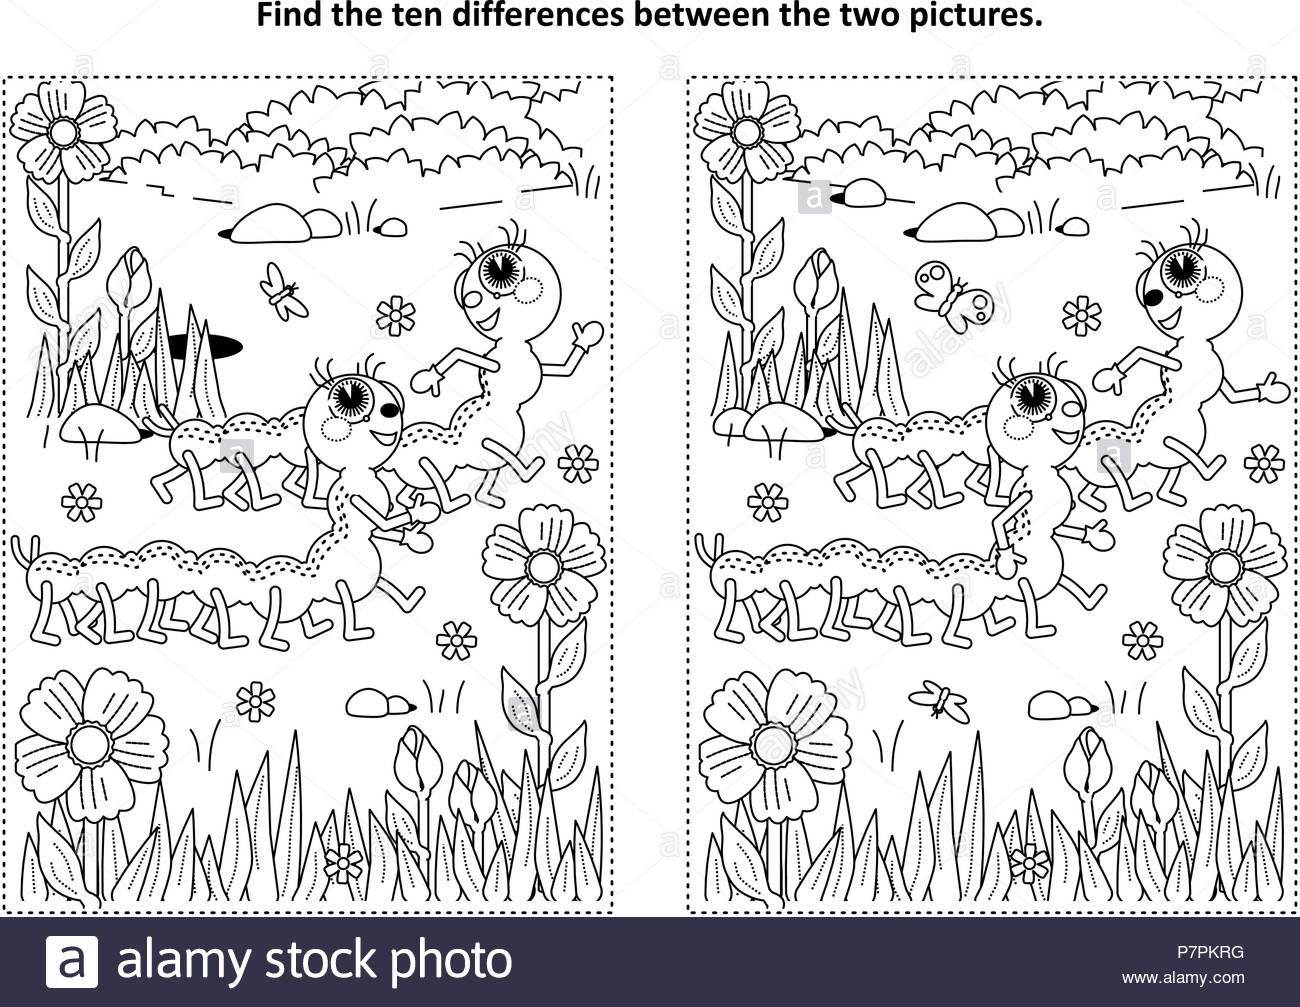 Primavera O Verano Themed Encontrar Las Diez Diferencias